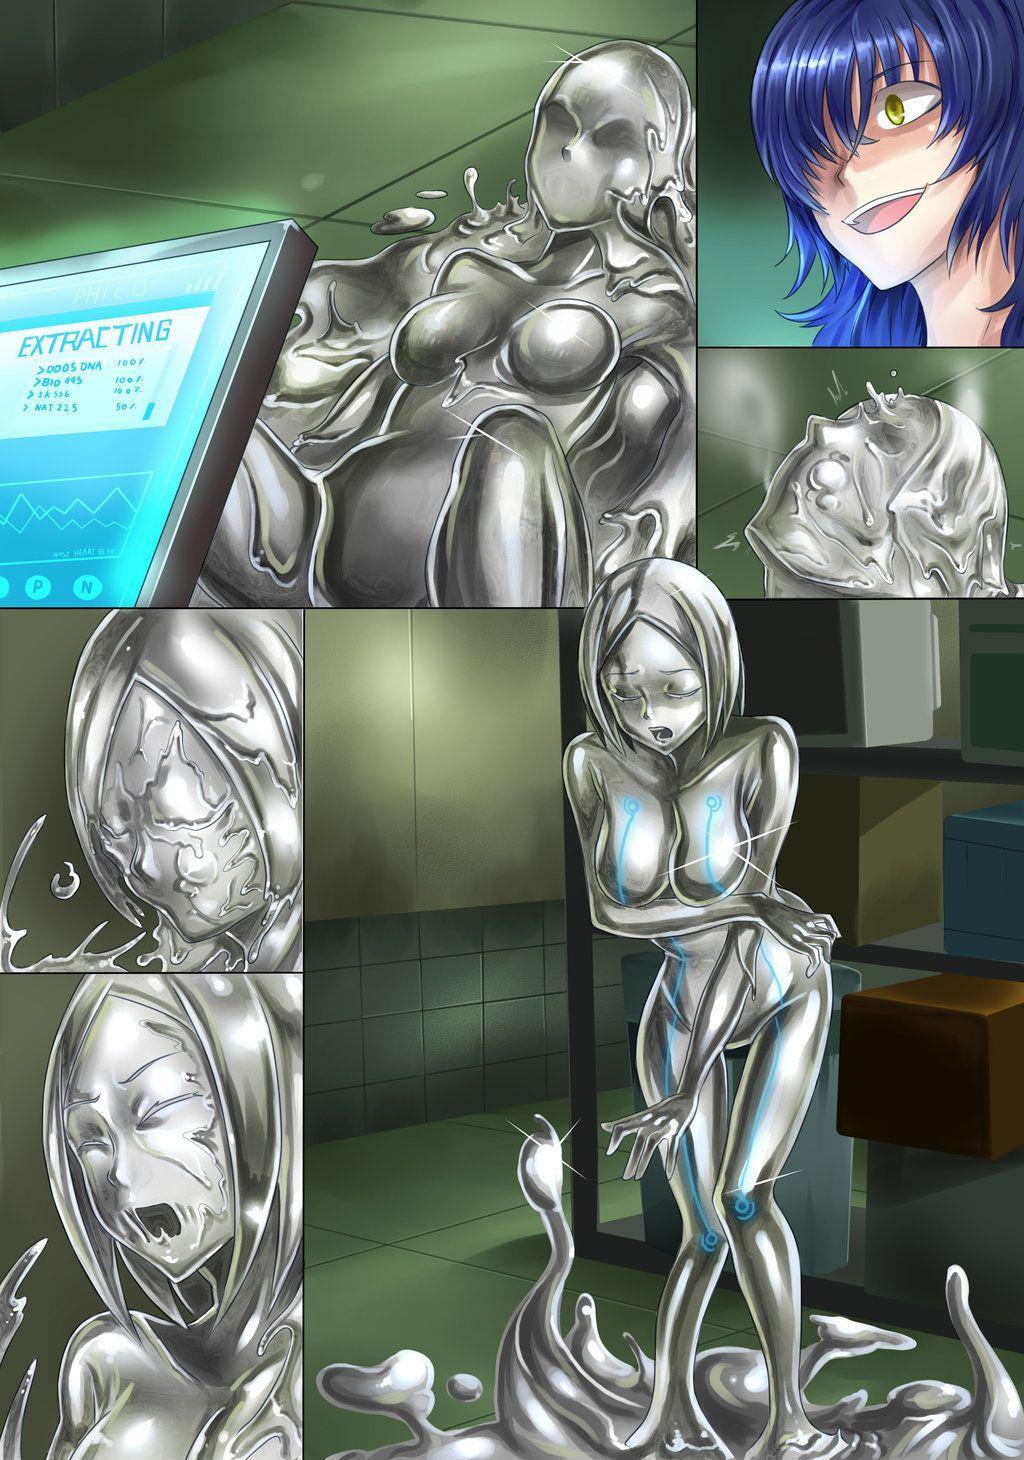 Anime tg transform femdom